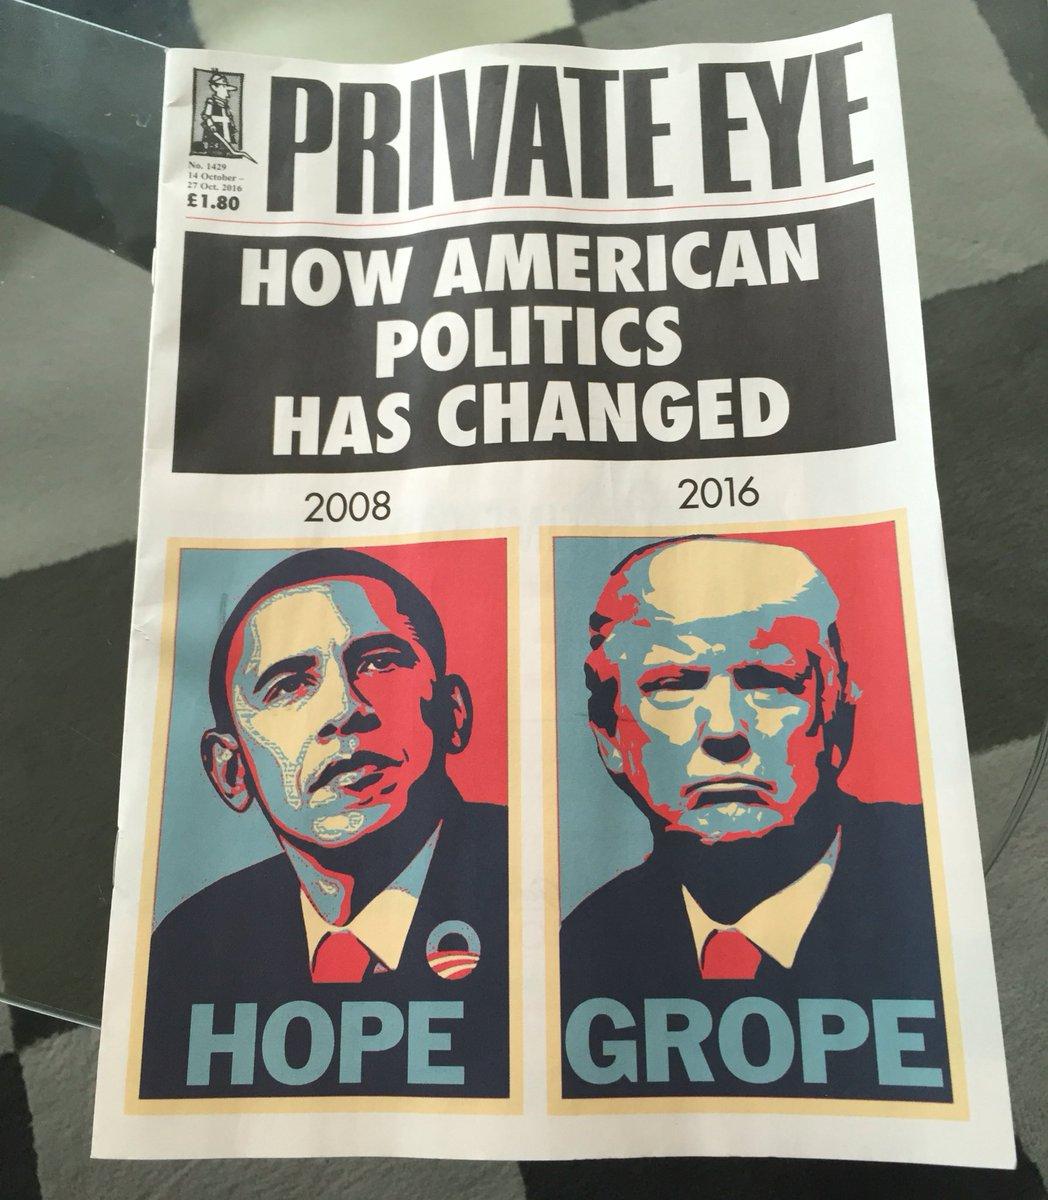 Oof, Private Eye. Oof. https://t.co/Fr4eQWMI9o